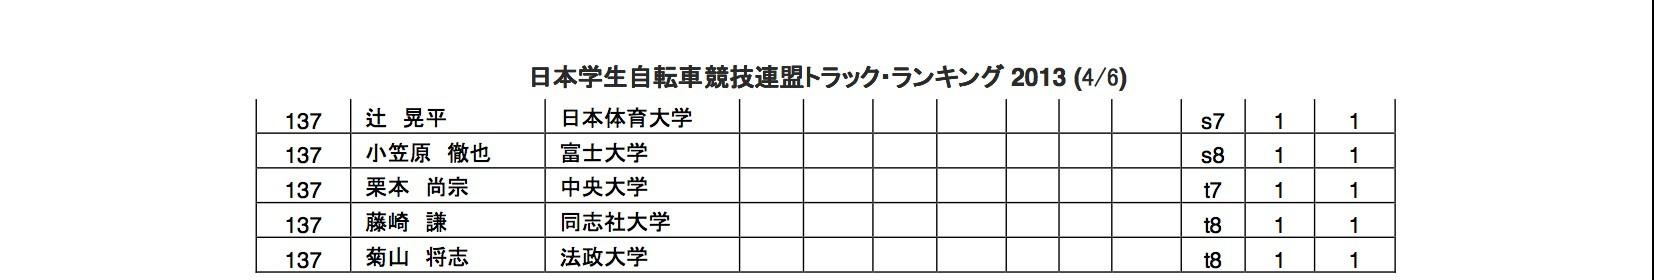 tr_rank_2013_04